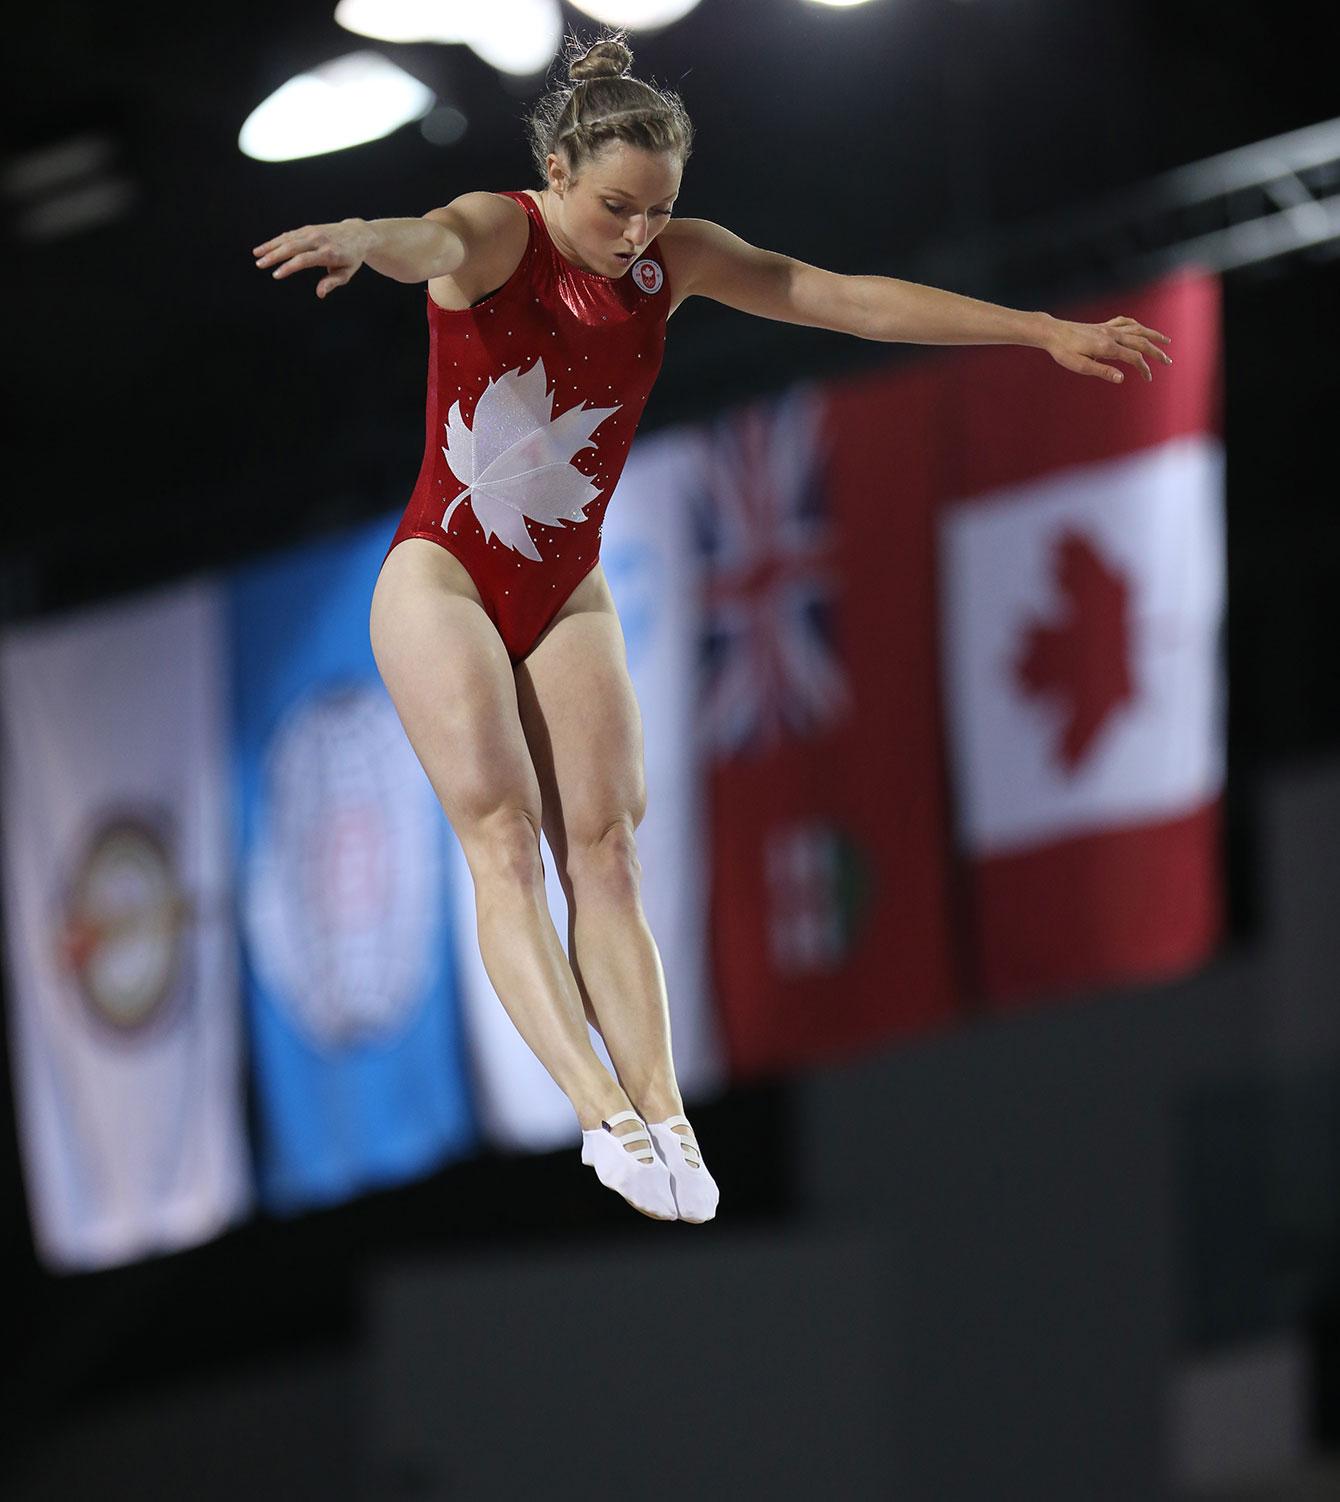 Rosie MacLennan suspended in the air